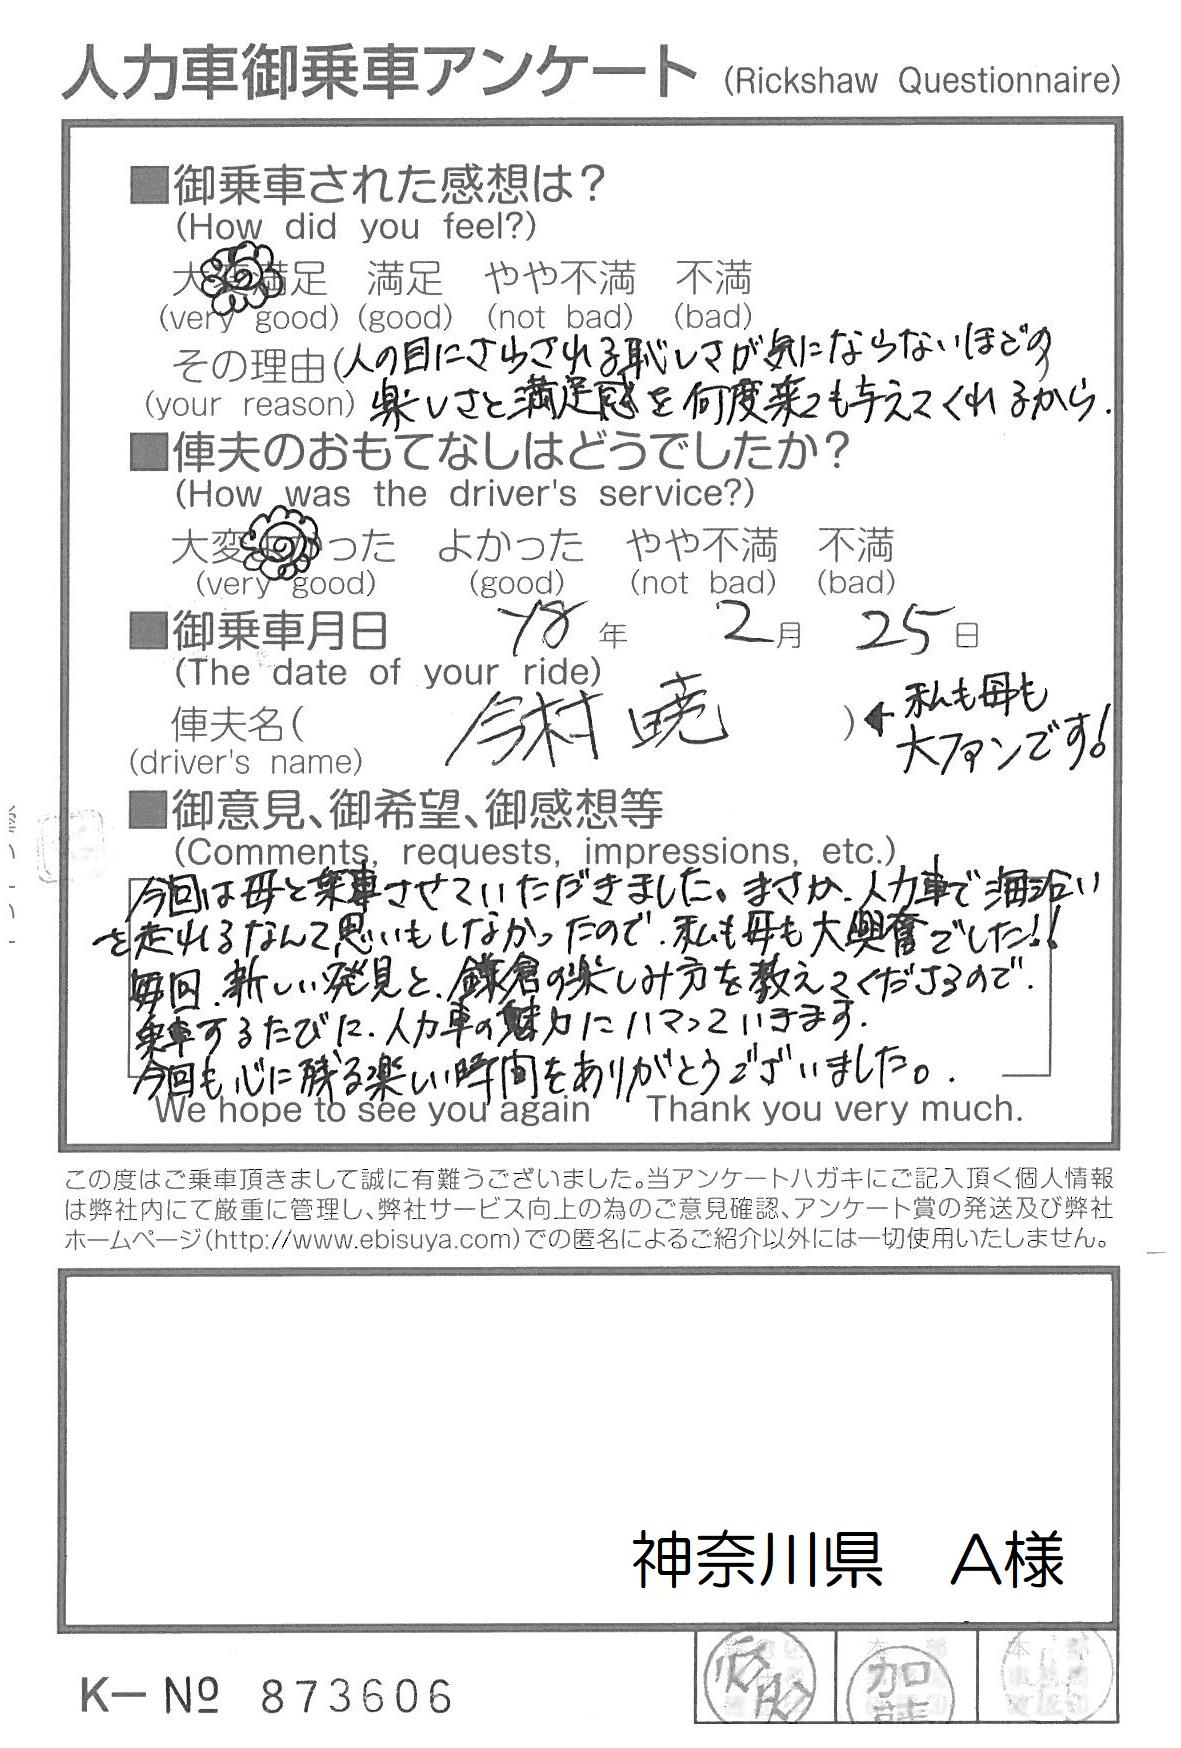 神奈川県 A様